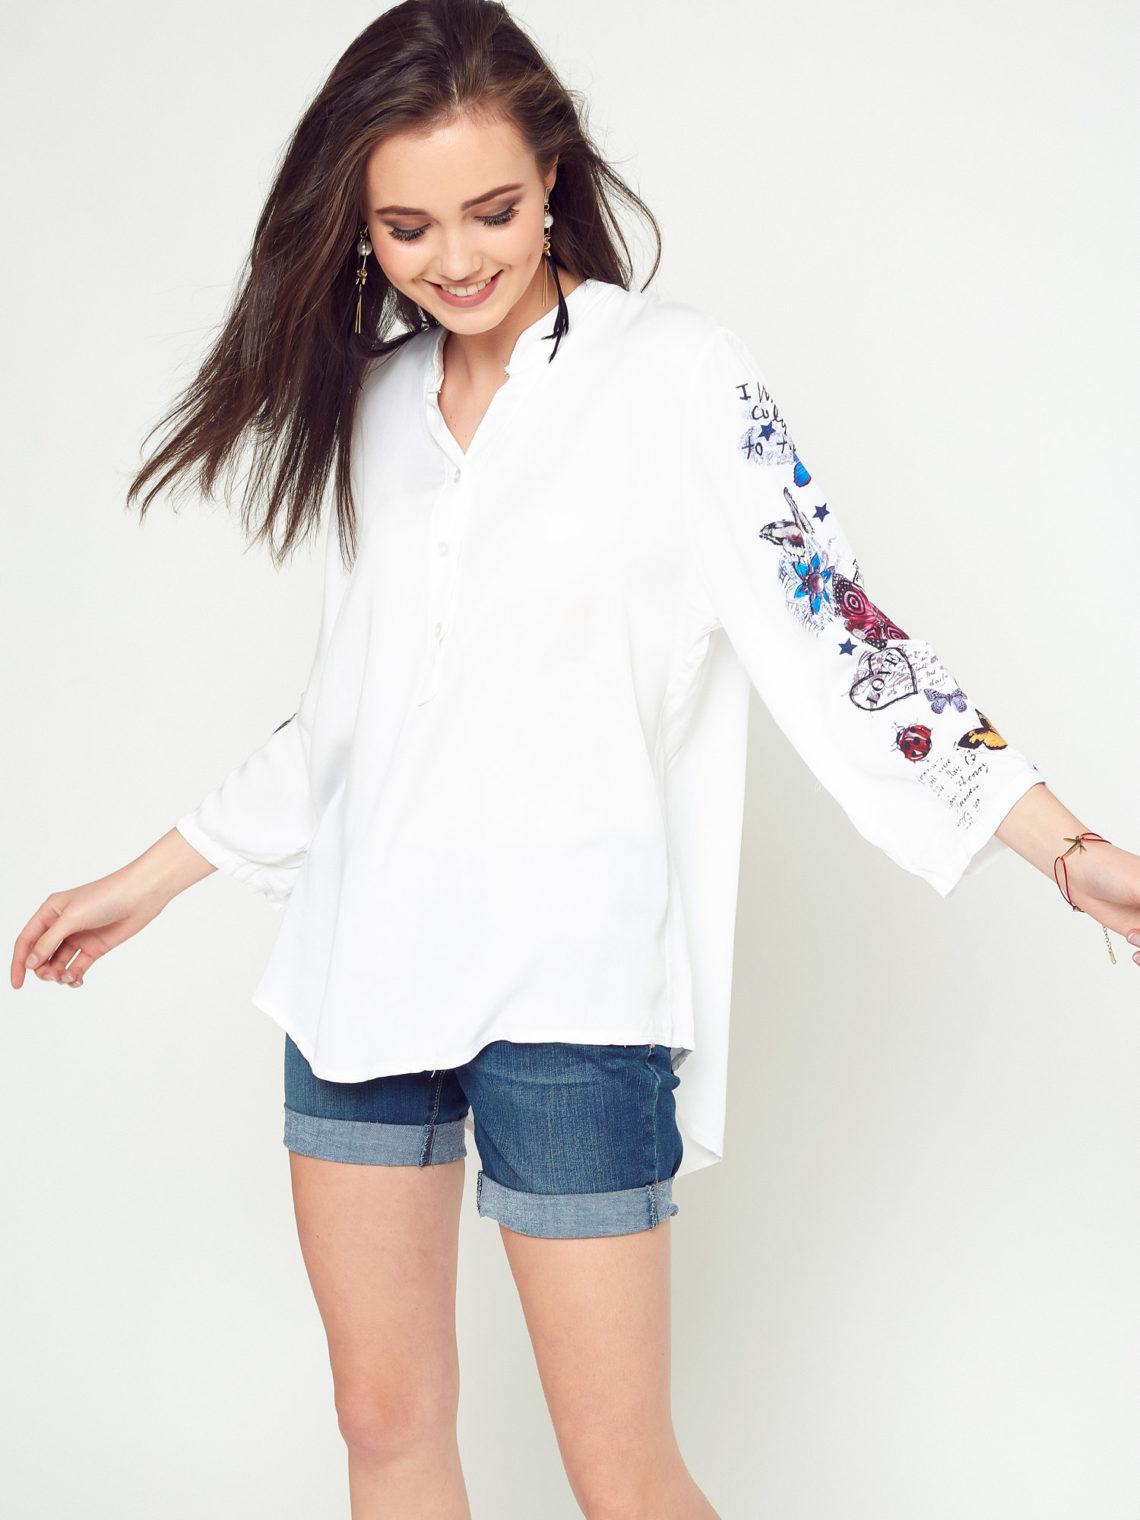 modne koszule damskie